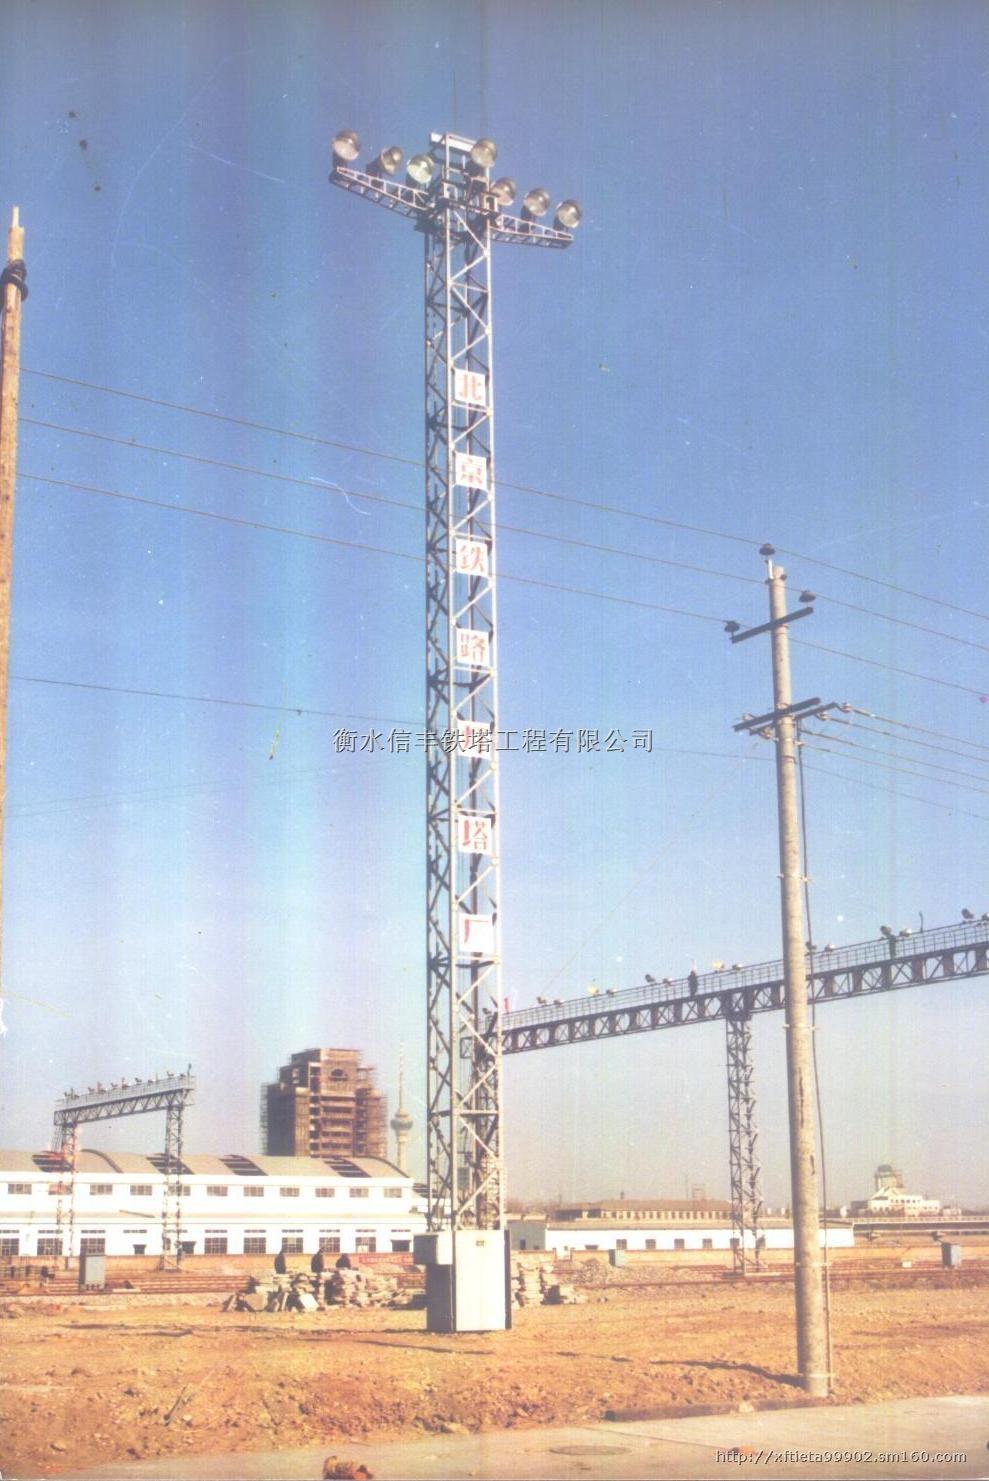 投光灯塔 我公司专业生产照明灯塔、投光灯塔、高杆灯。产品分为1、固定式照明灯塔(投光灯塔)灯塔内设有爬梯、灯塔顶部设有维修平台与护栏,便于维修灯具,电器配置有防爆型与非防爆型。2、升降式照明灯塔(投光灯塔)升降方式有电动和手动两种。适用范围:适用各新建和既有铁路站场的多跨度照明,包括电化区段非电力机车调车的编组场照明。适用十全国基本风压小于 0.